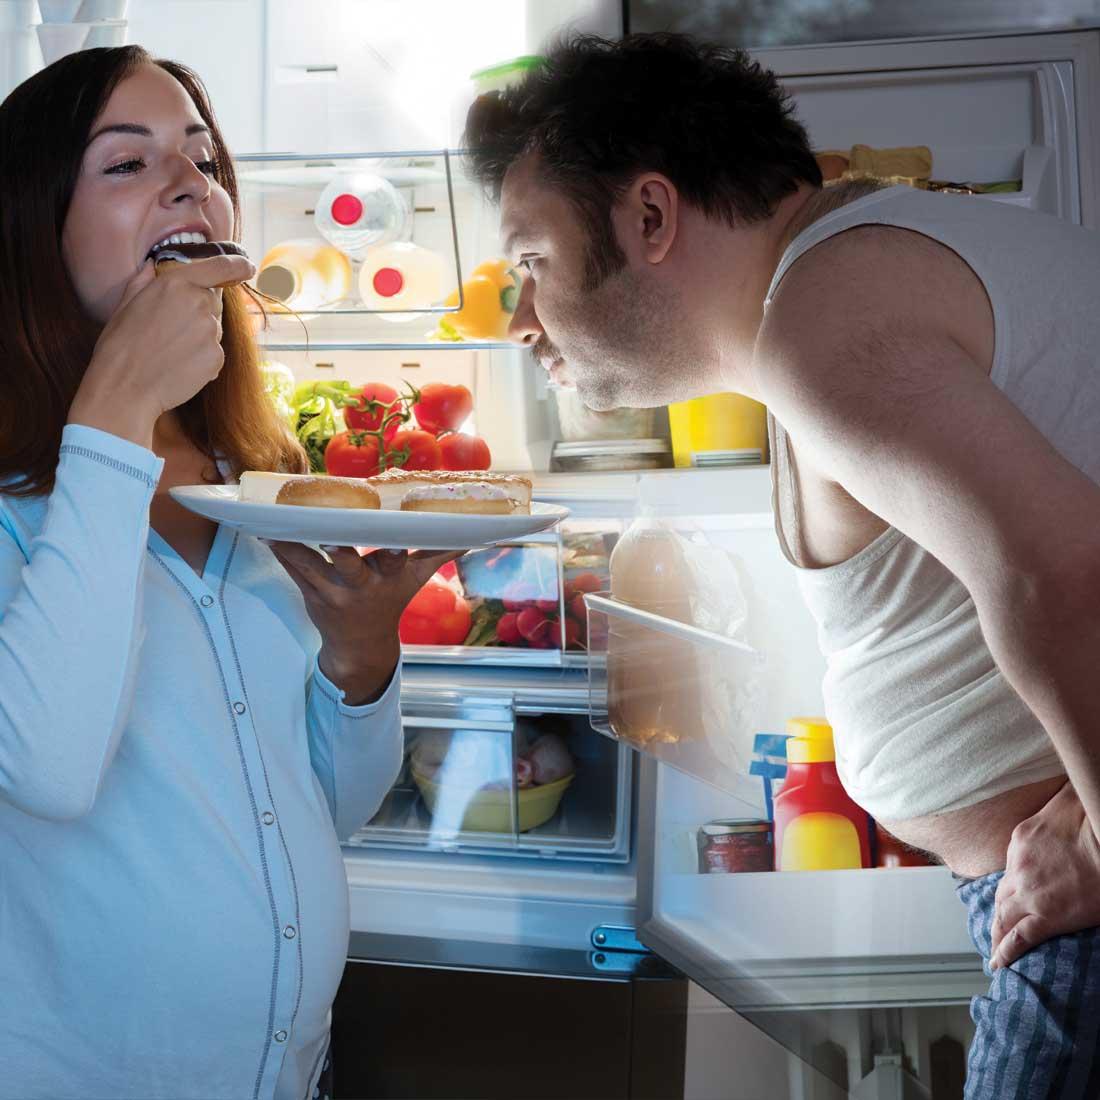 קורס דיגיטלי 'צאו מהמקרר'-לנצח אכילה רגשית לרכישה מיידית מאת מאירה דהן מאמנת אישית מירושלים